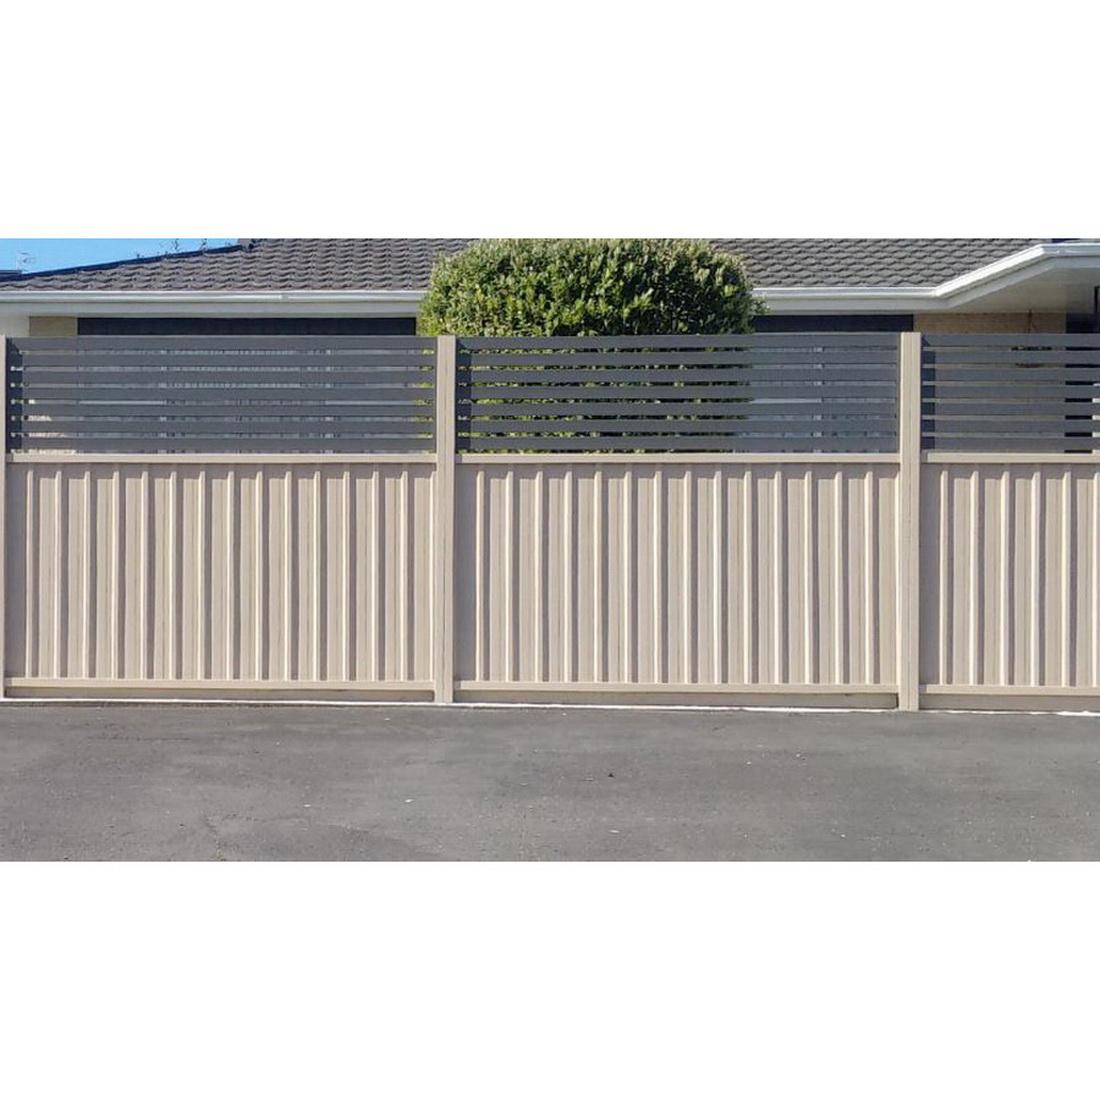 Borderline 1.2/3 Fence Panel 1500 x 2300mm Desertsand